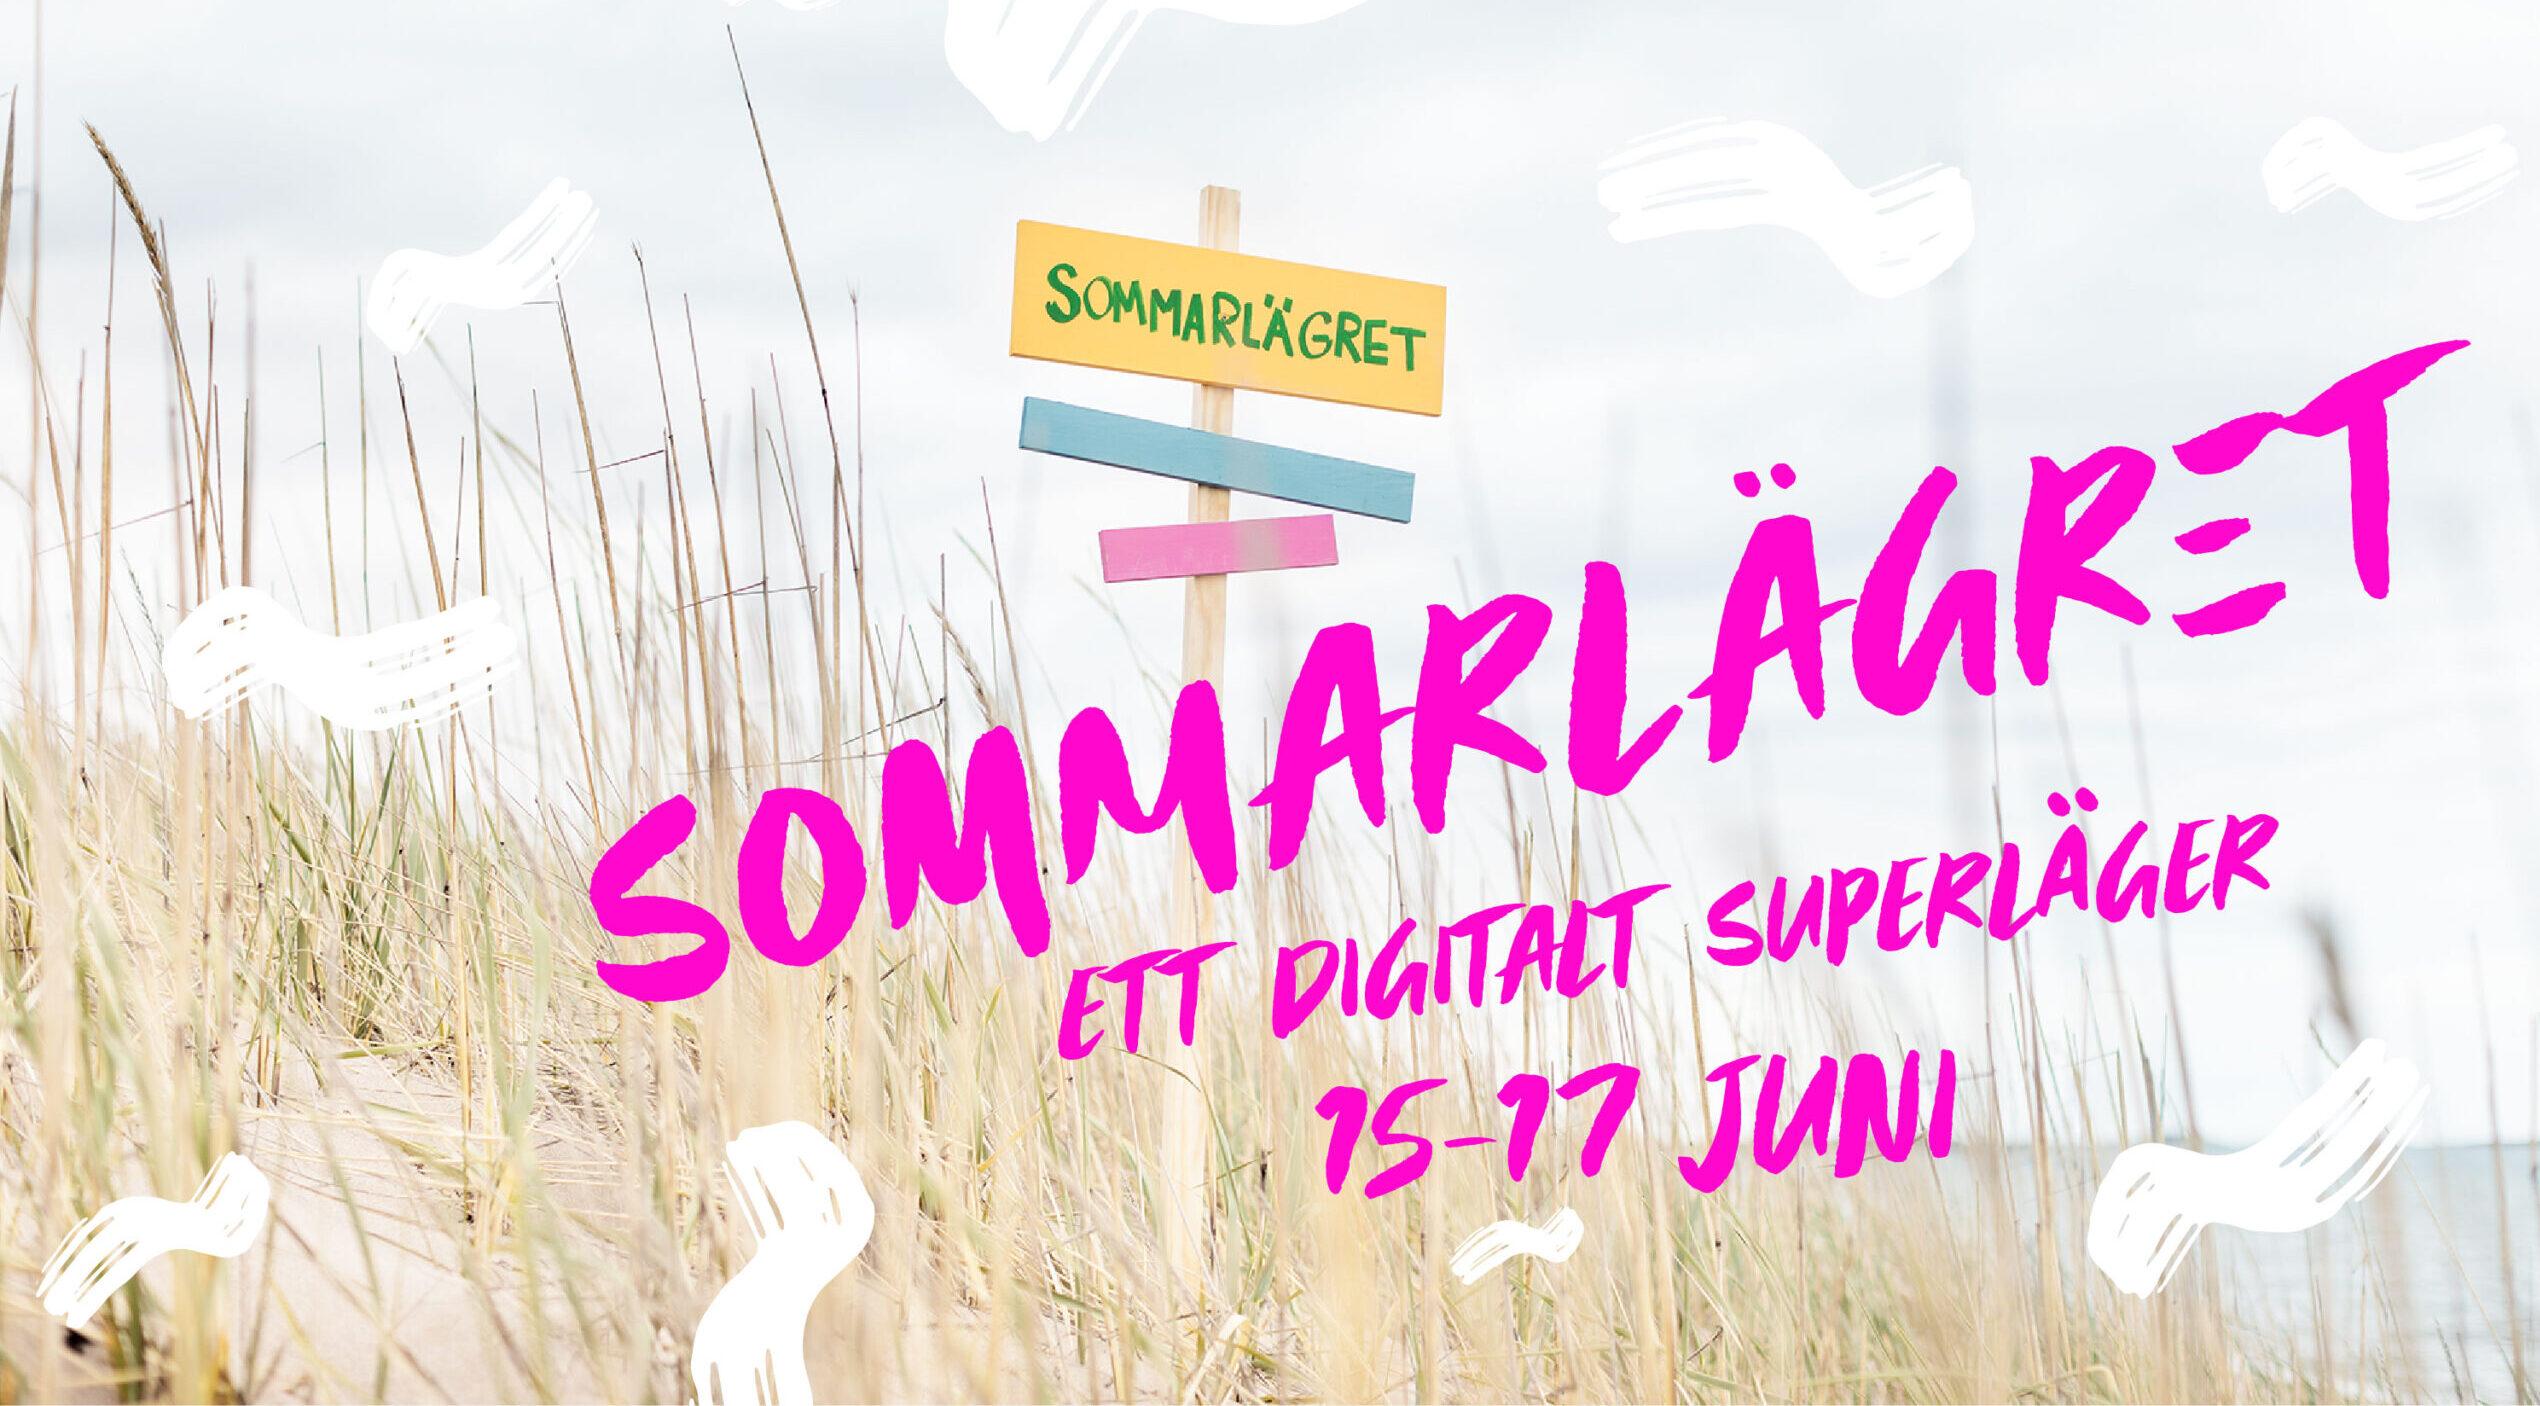 Sommarlägret – ett digitalt superläger